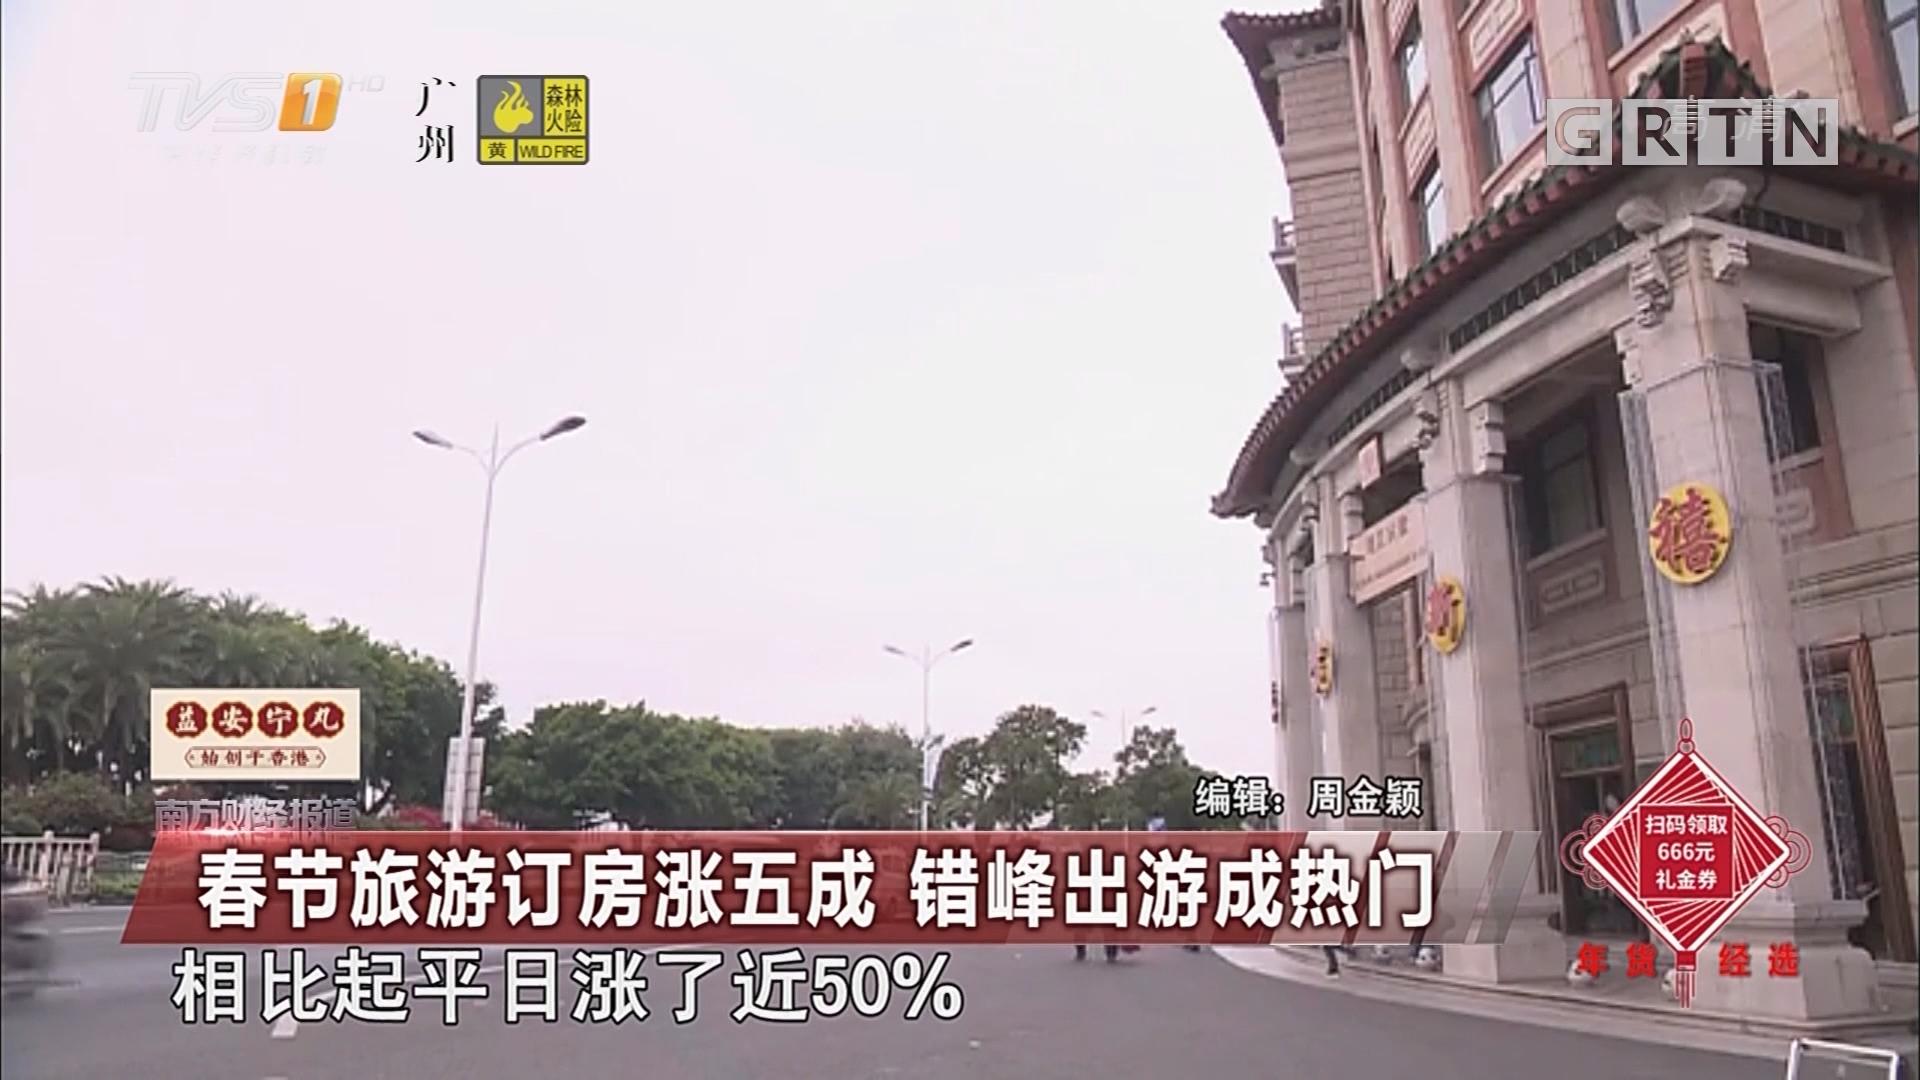 春节旅游订房涨五成 错峰出游成热门